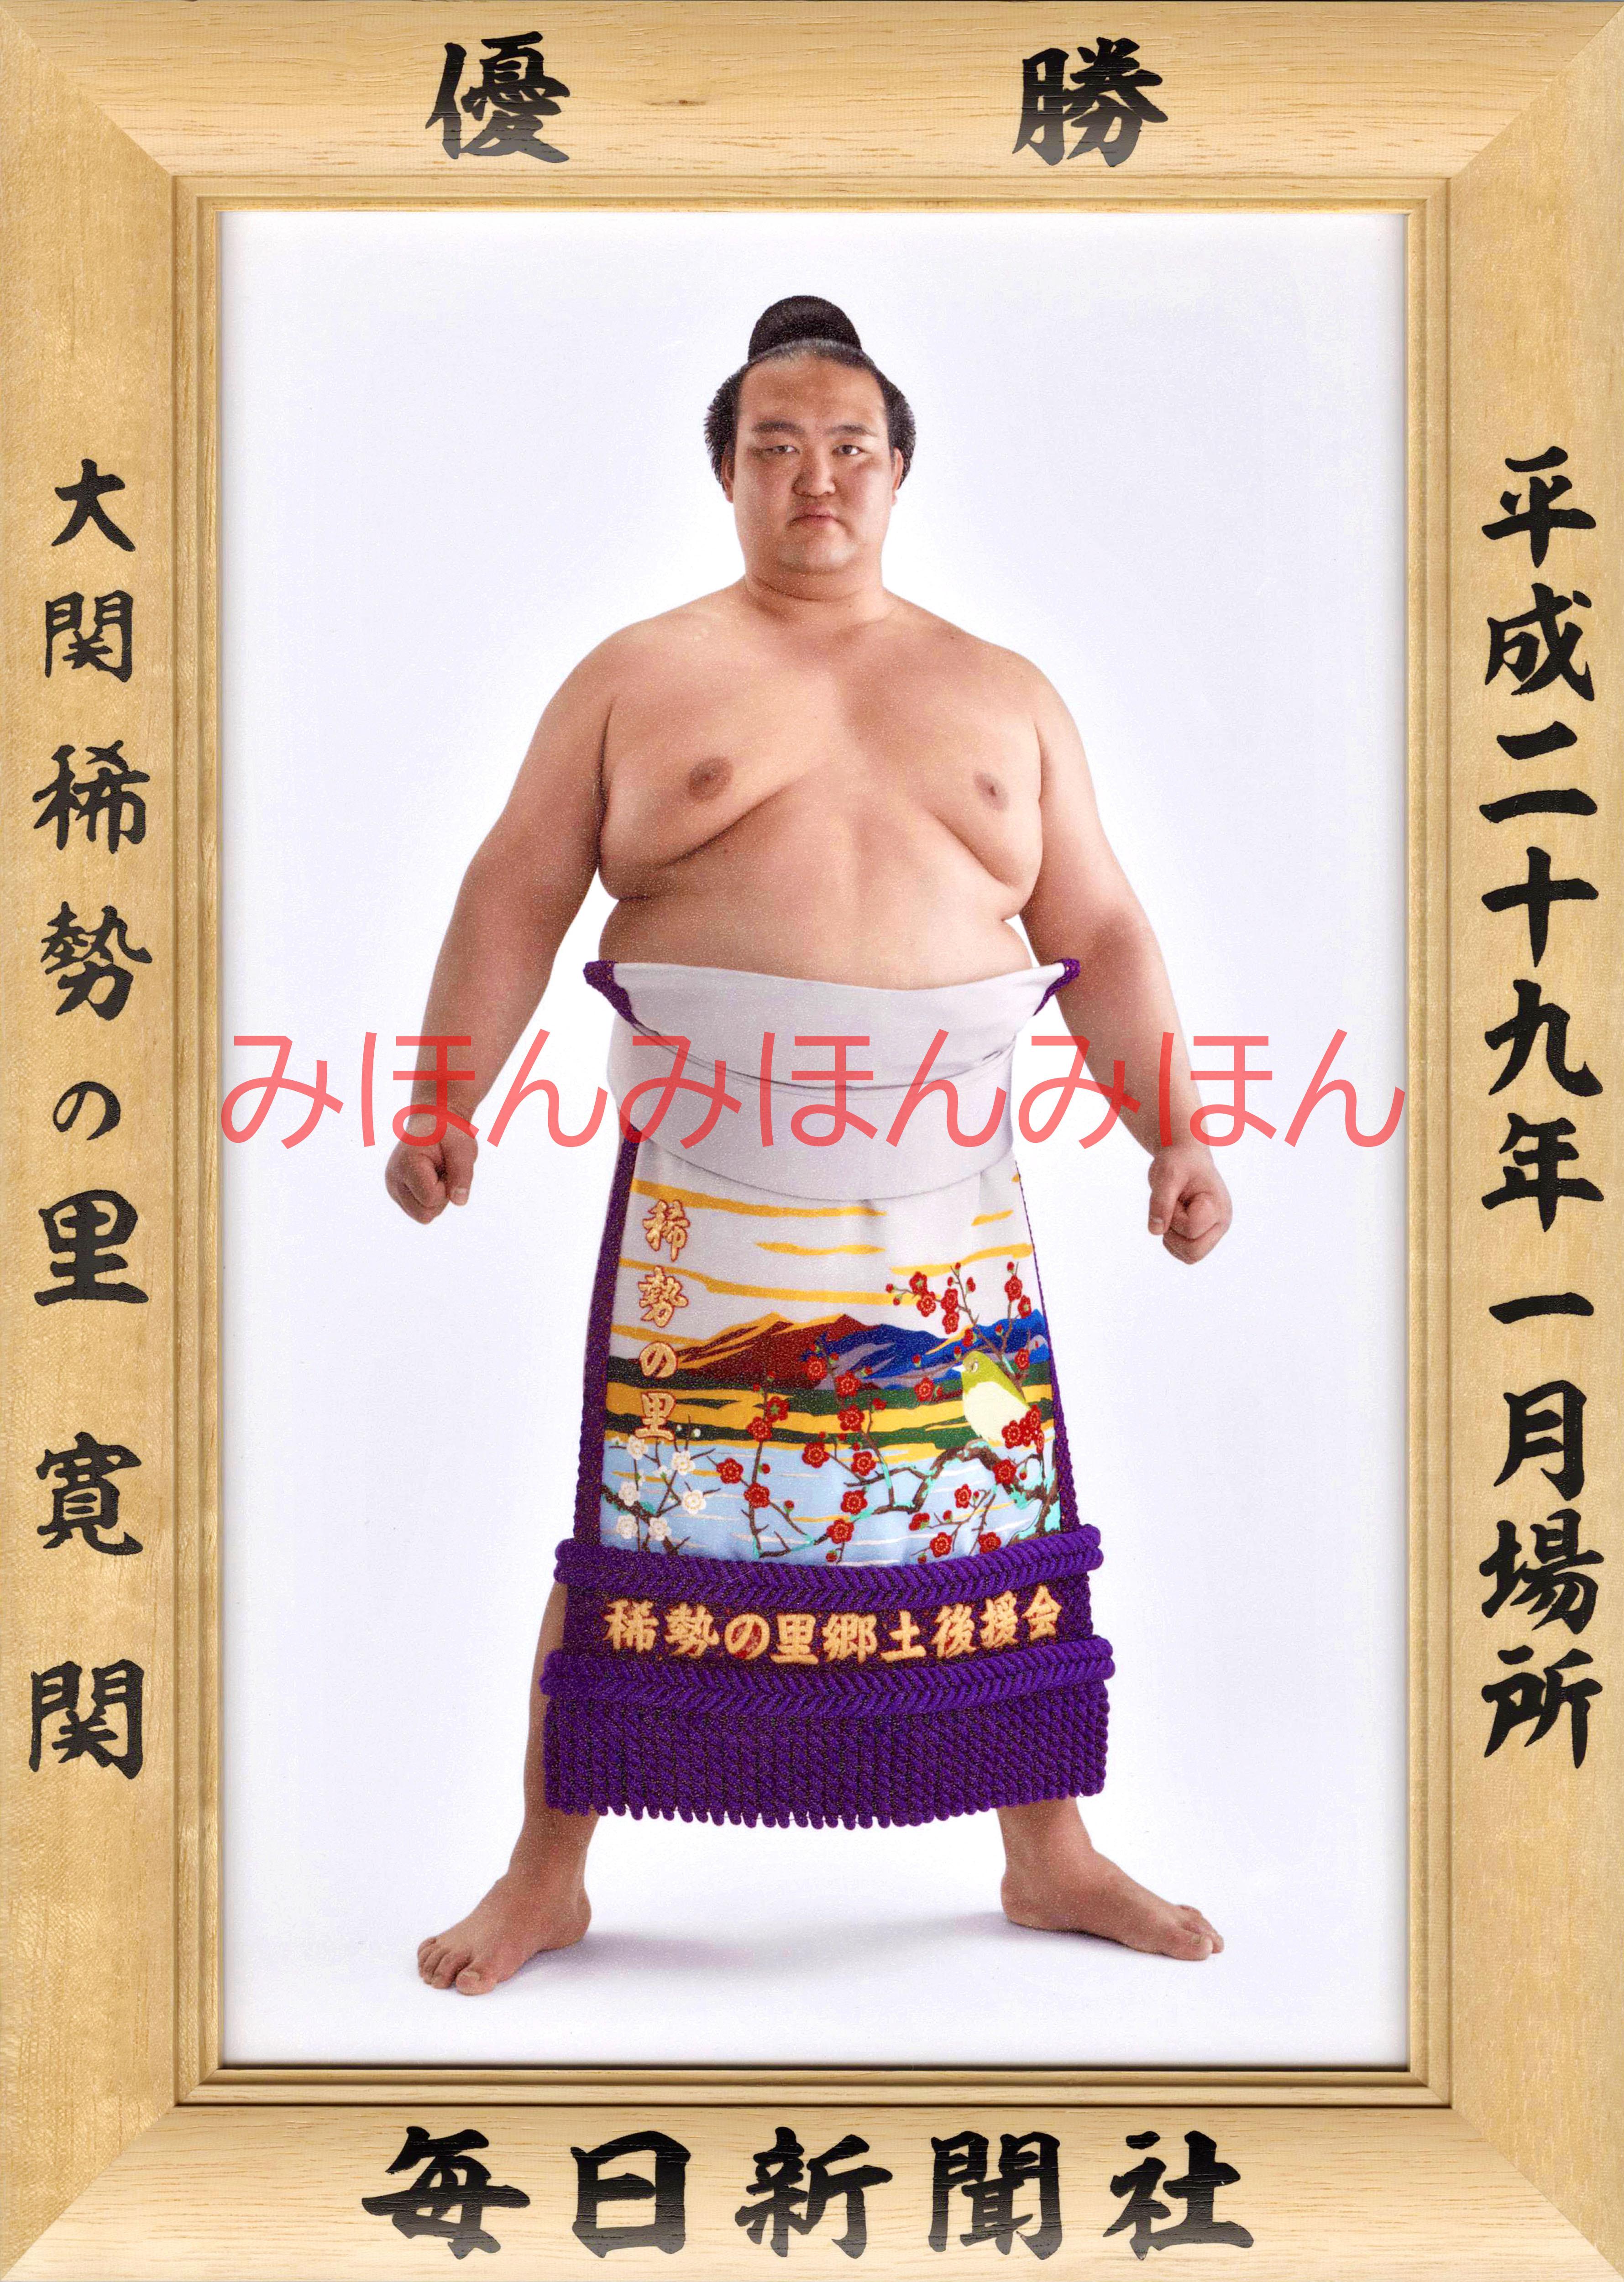 平成29年1月場所優勝 大関 稀勢の里寛関(初優勝)